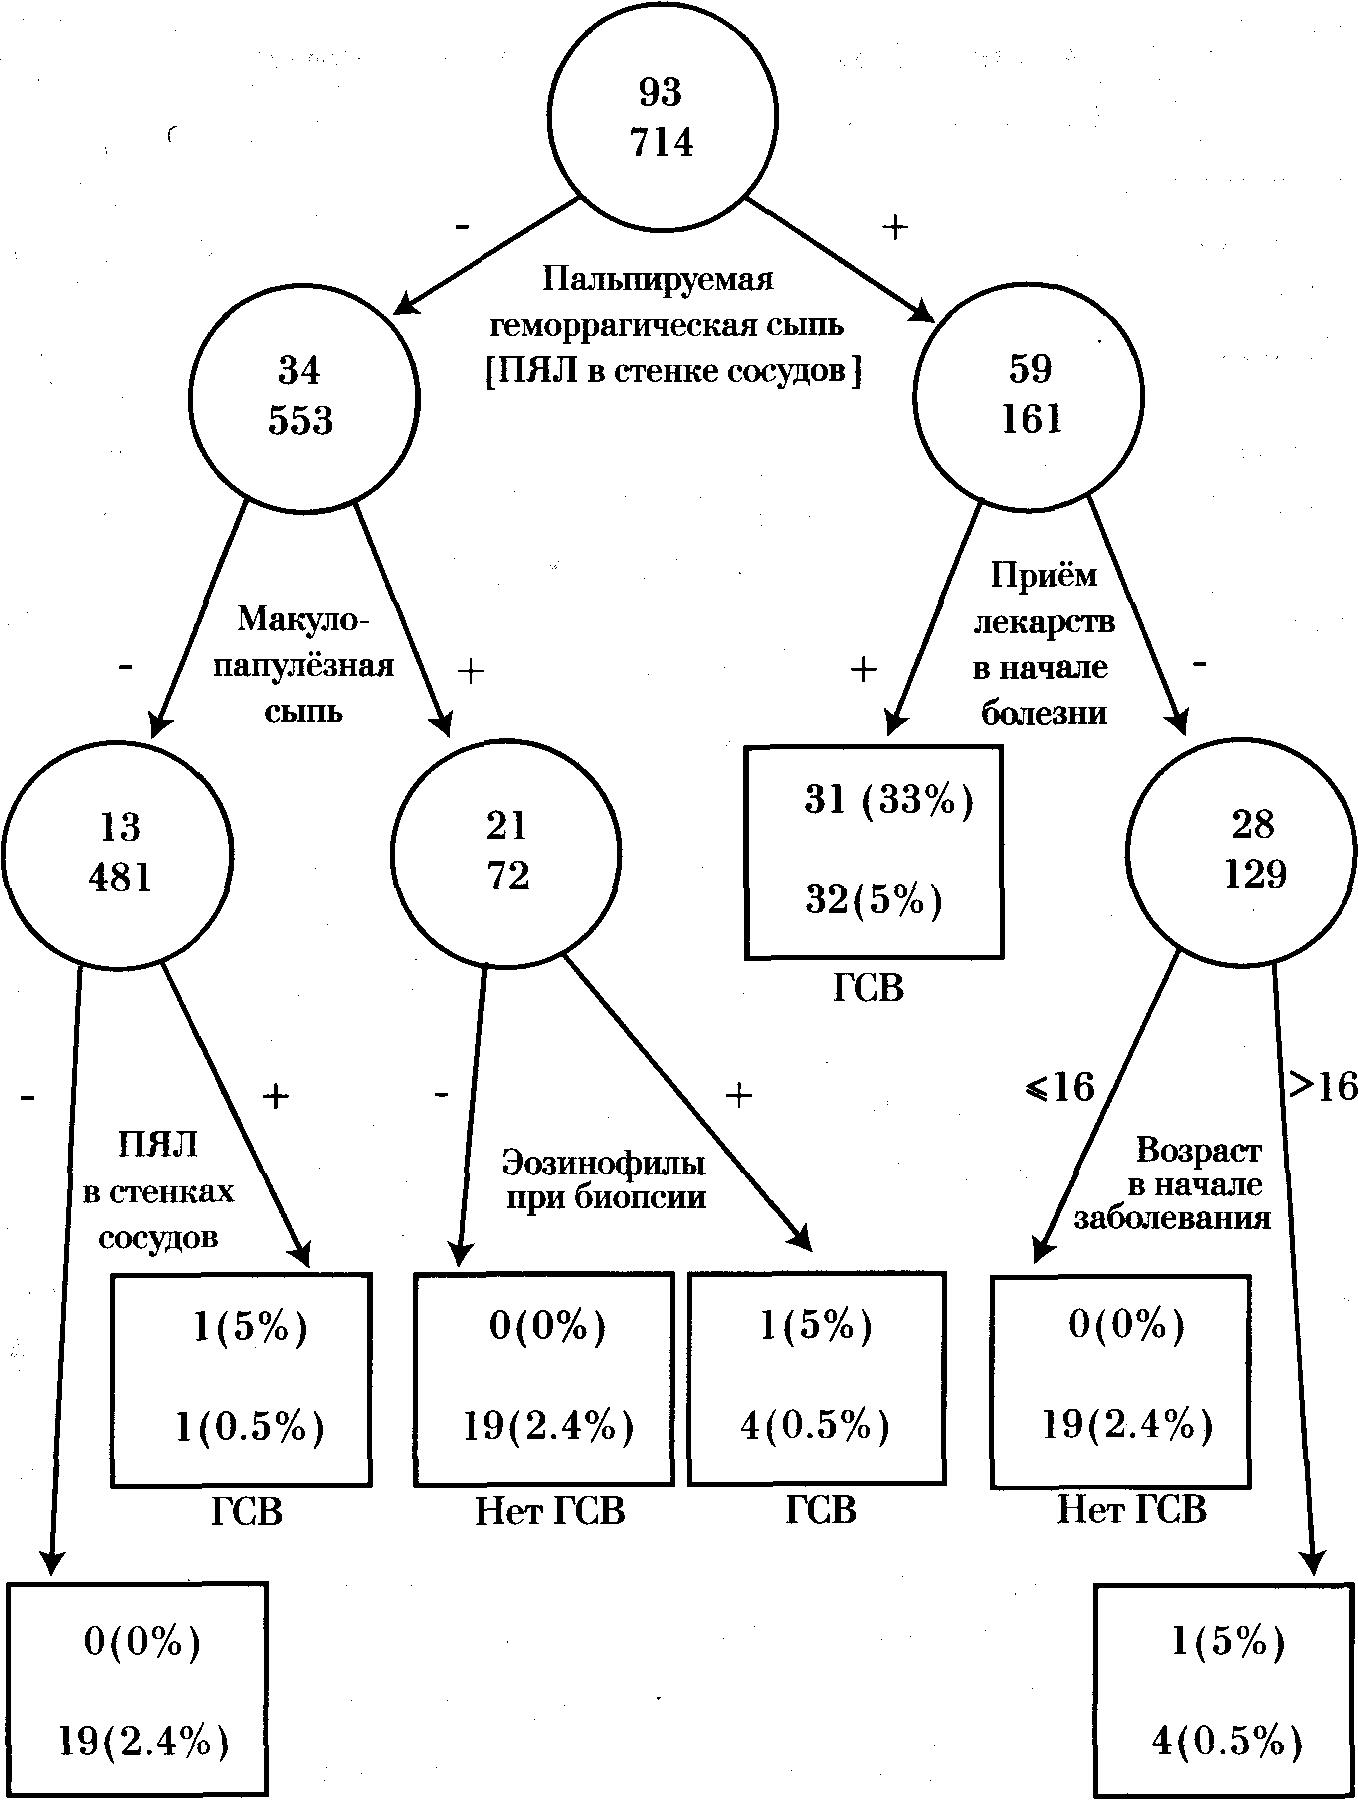 ревматическая полимиалгия схема лечения